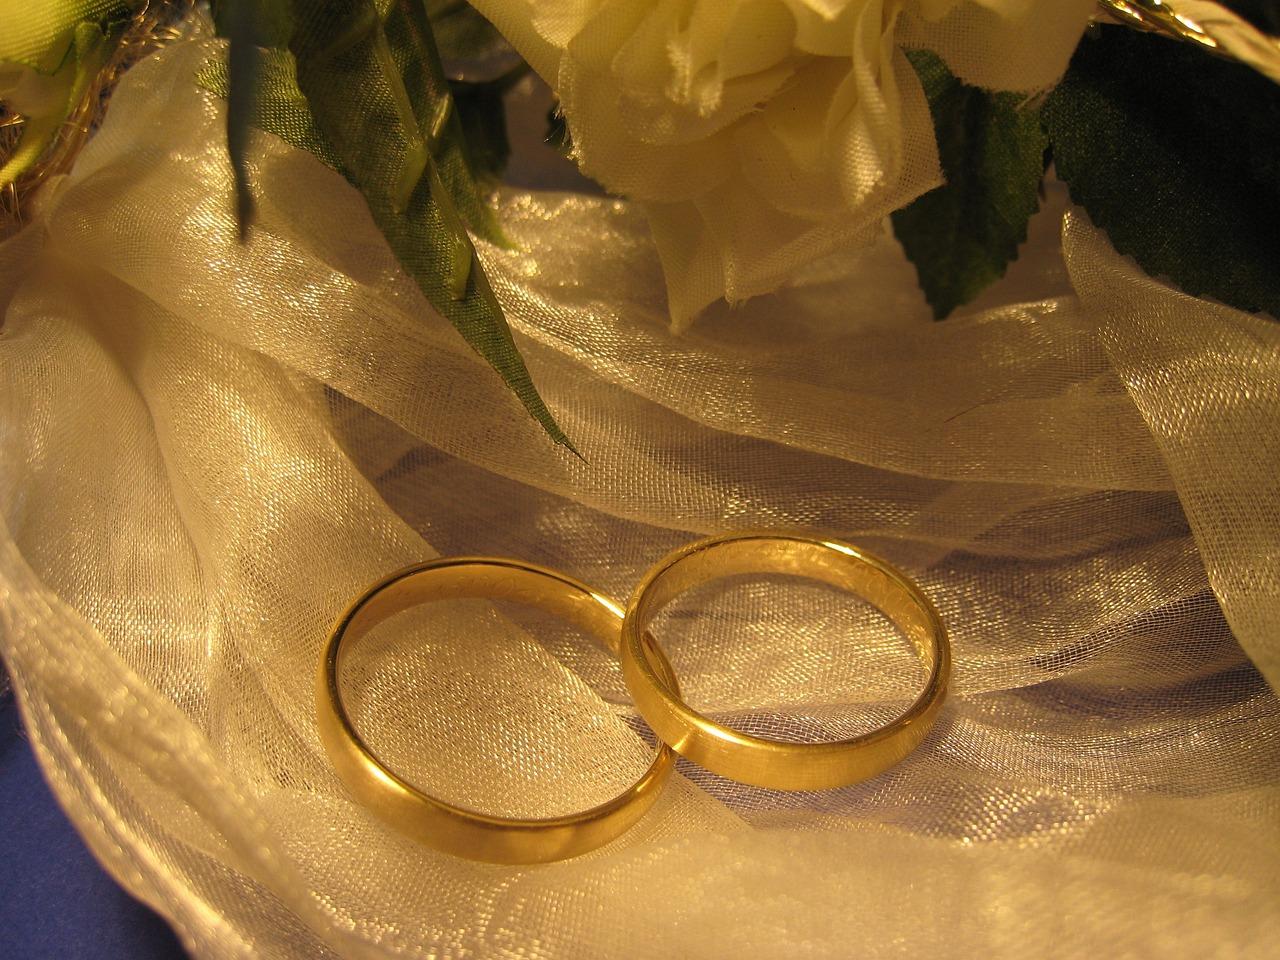 тест картинки о любви с кольцами главное